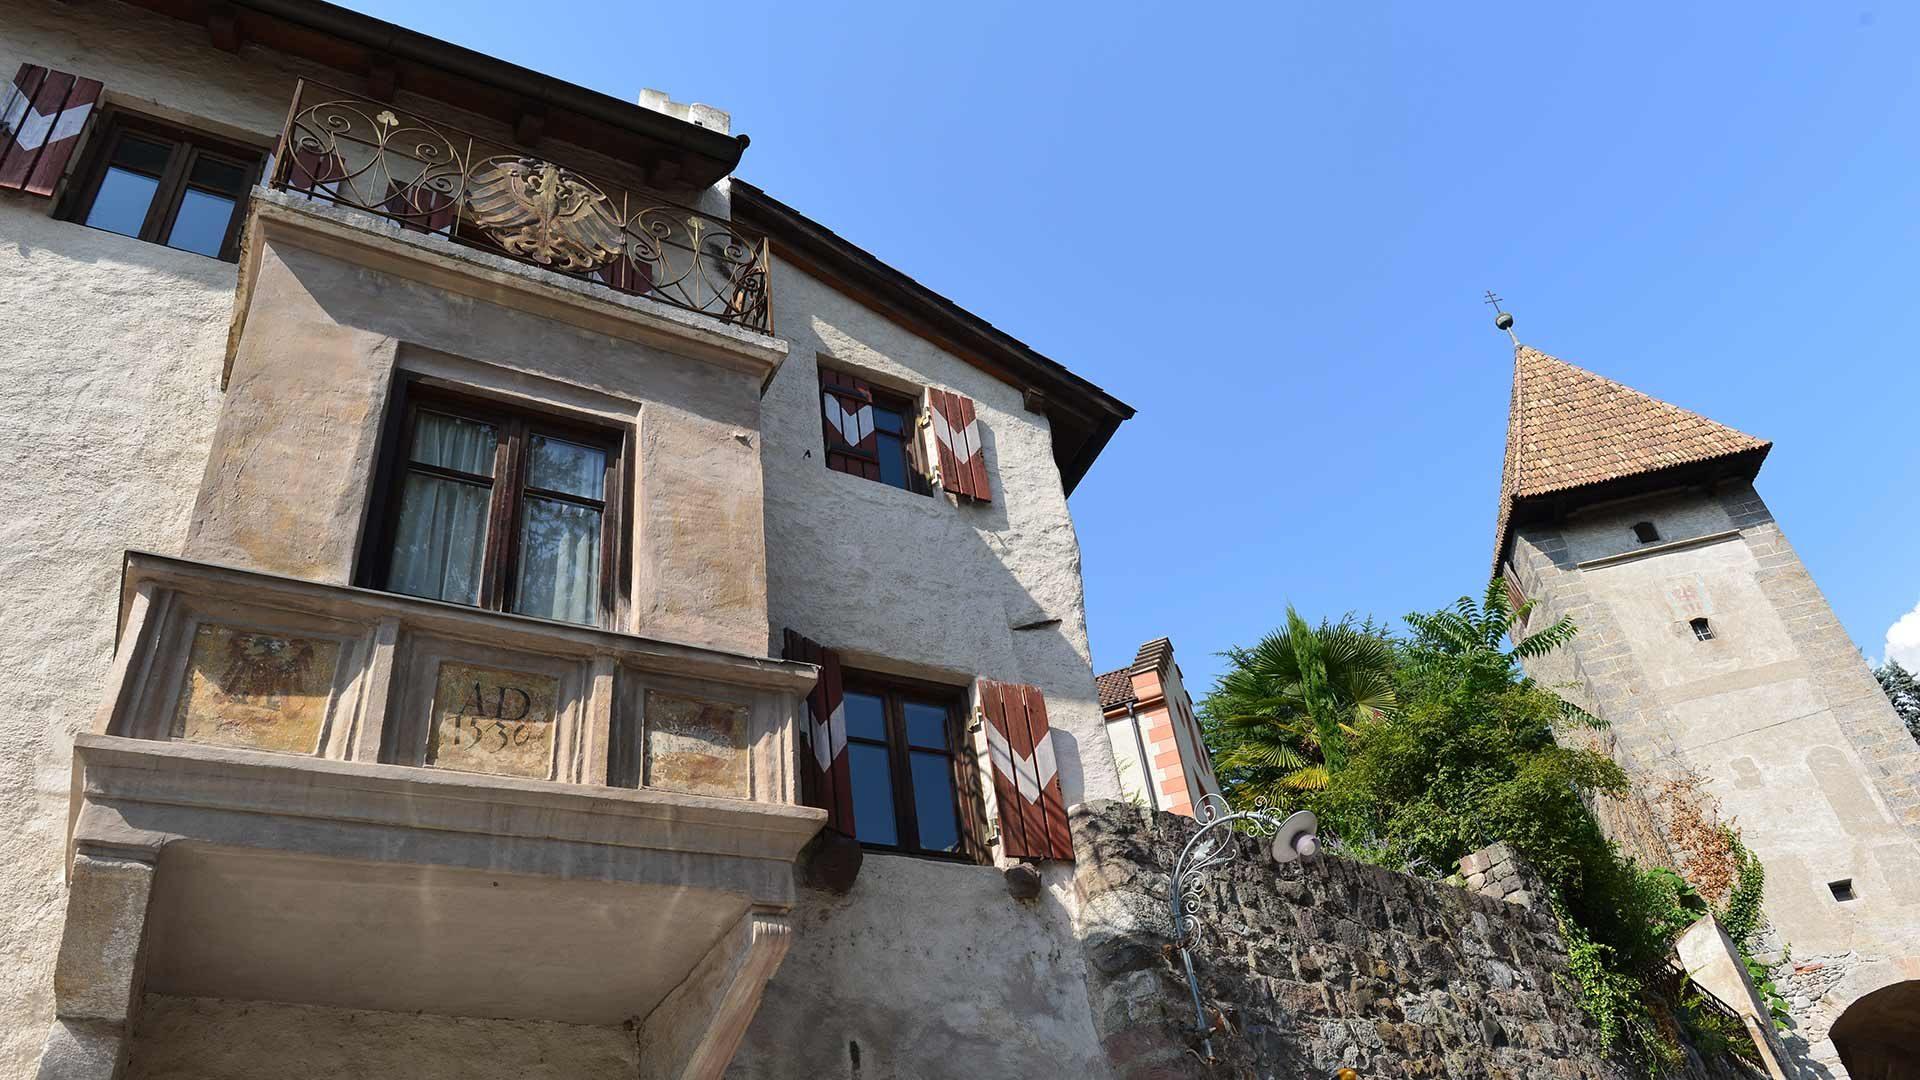 Altstadt von Meran in Südtirol